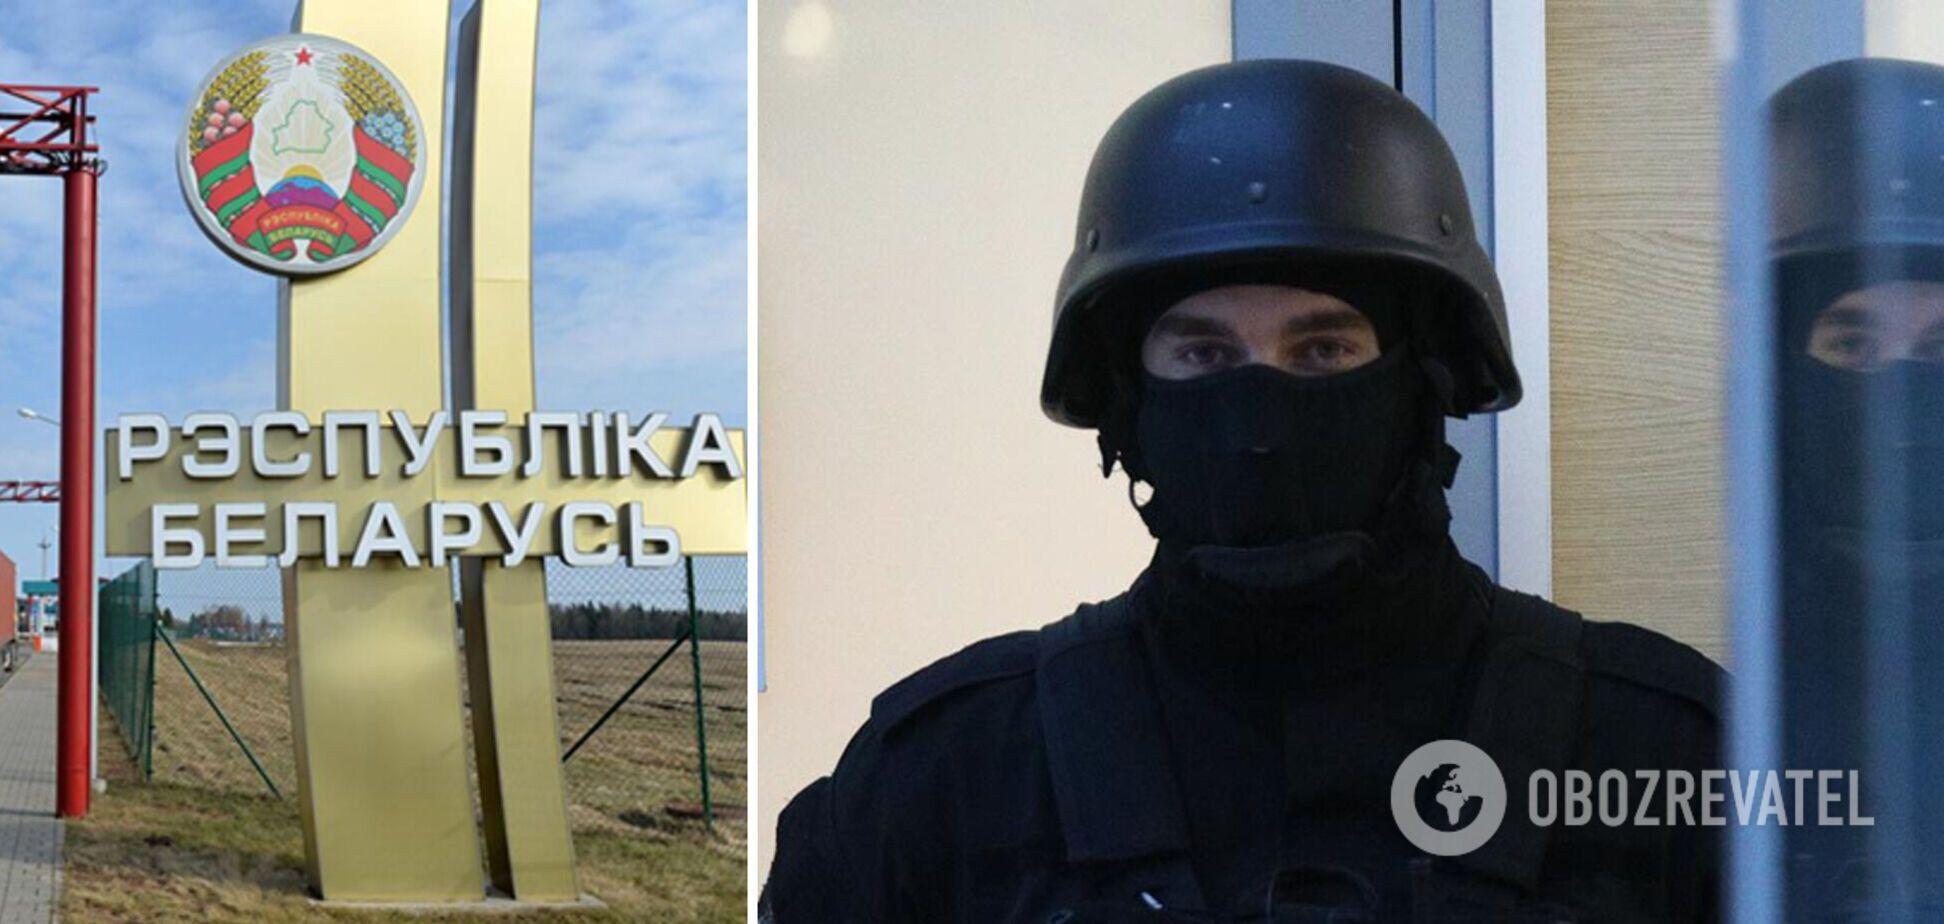 ФСБ вербує біженців із Білорусі та відправляє 'працювати' в Україну, – журналіст Bellingcat